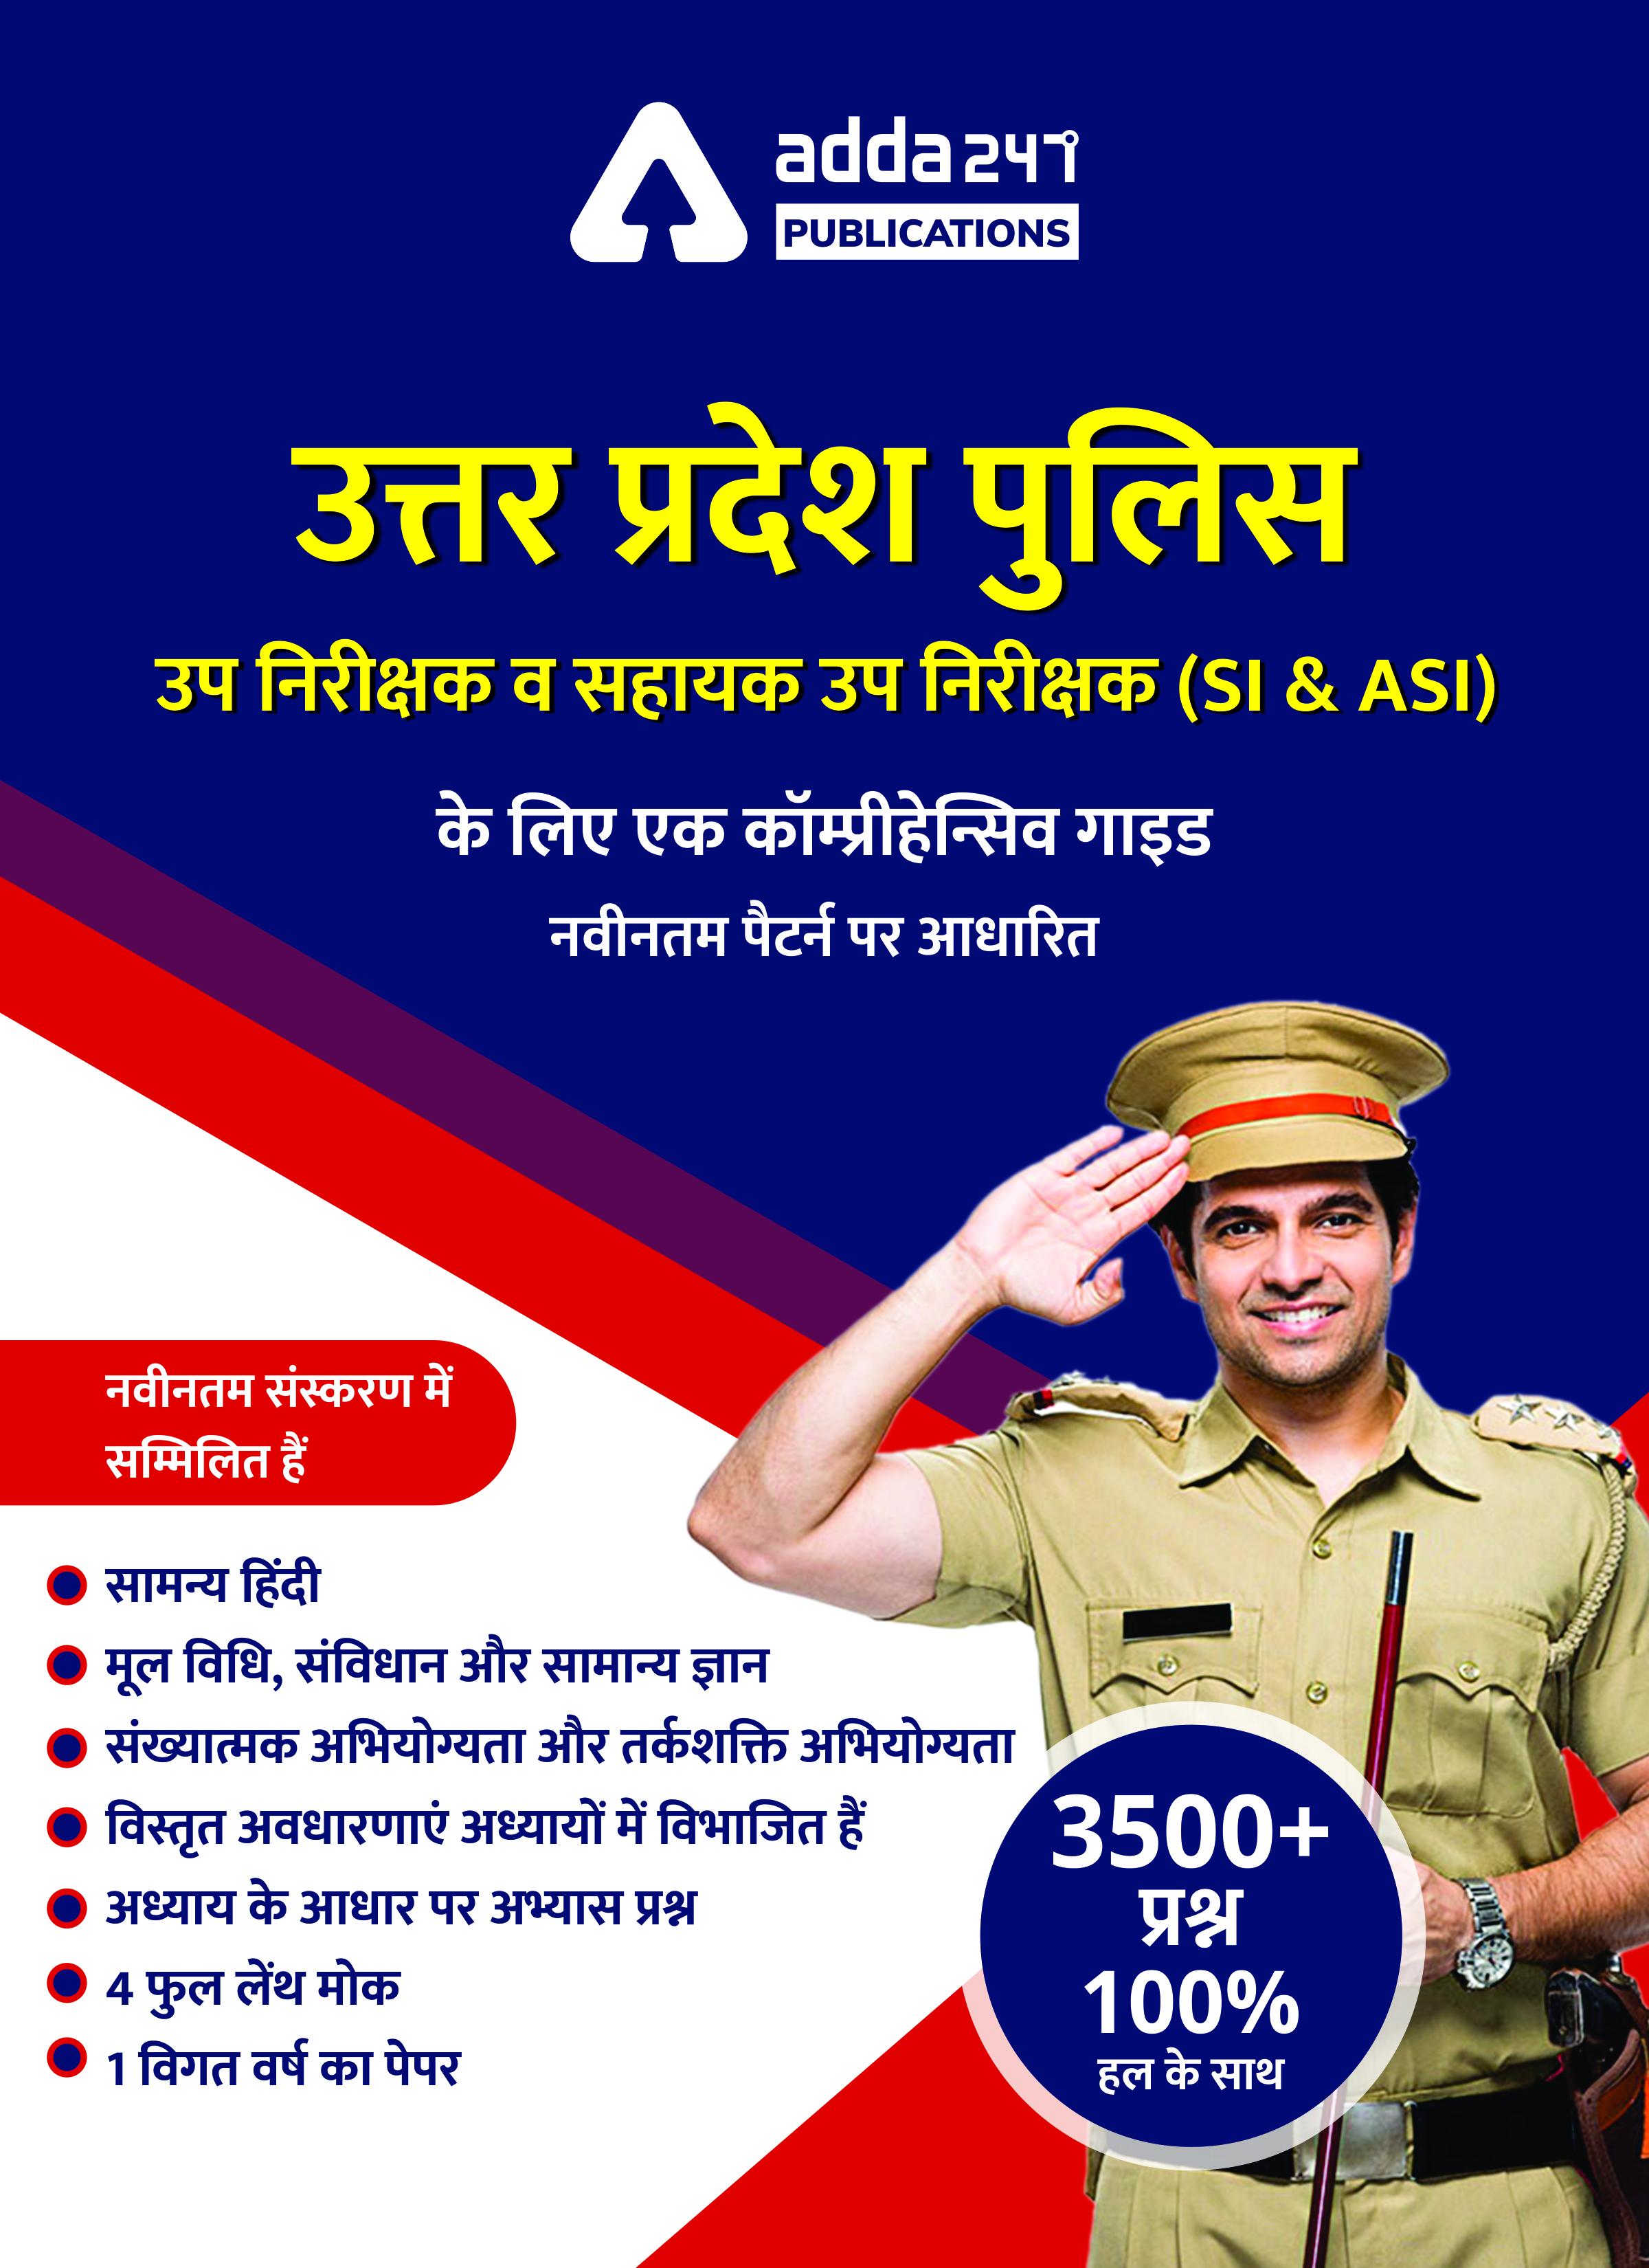 उत्तर प्रदेश पुलिस उपनिरीक्षक (SI और ASI) के लिए एक कॉम्प्रीहेन्सिव गाइड : हिंदी प्रिंटेड एडिशन में_50.1